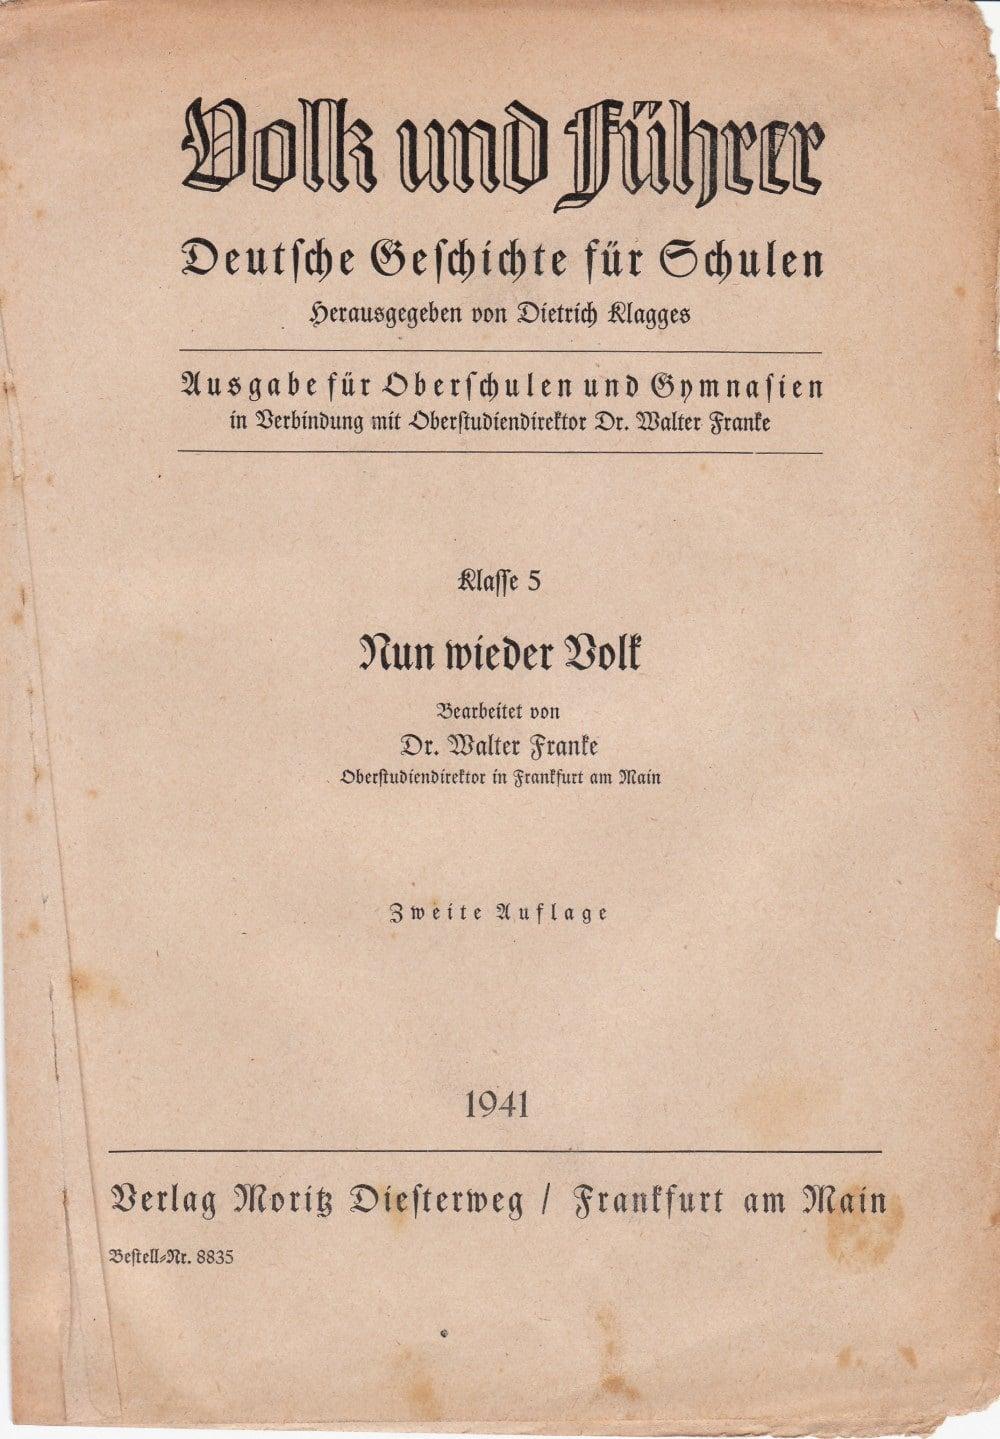 Aus einem Geschichtsbuch | NS-Ideologie | Quellen – segu ...